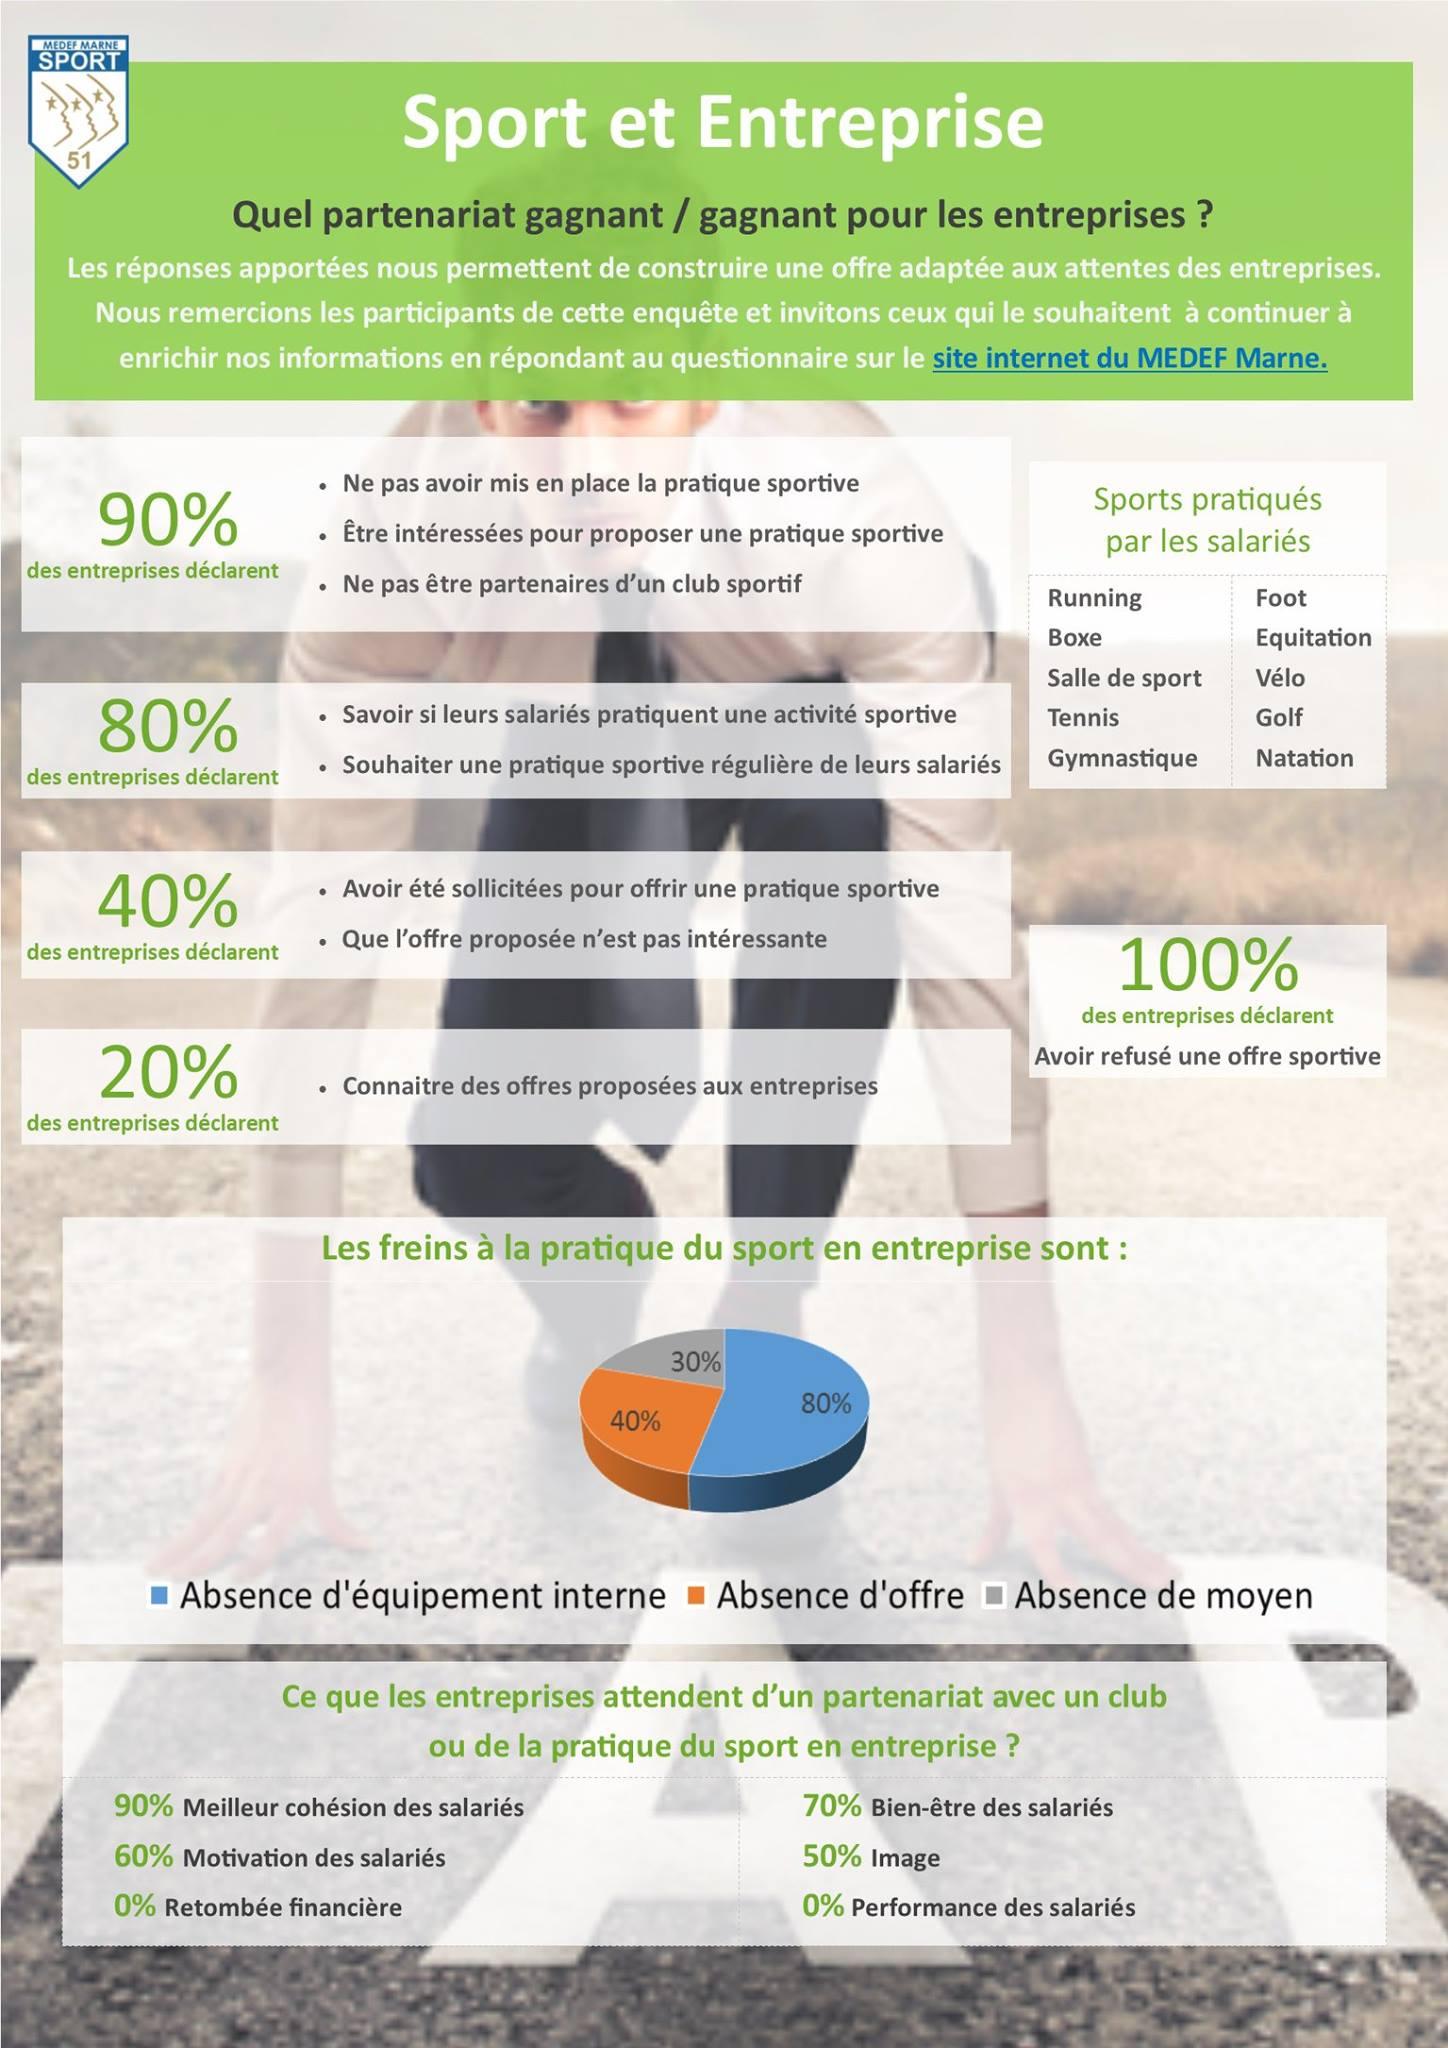 Les freins à la pratique du sport en entreprise